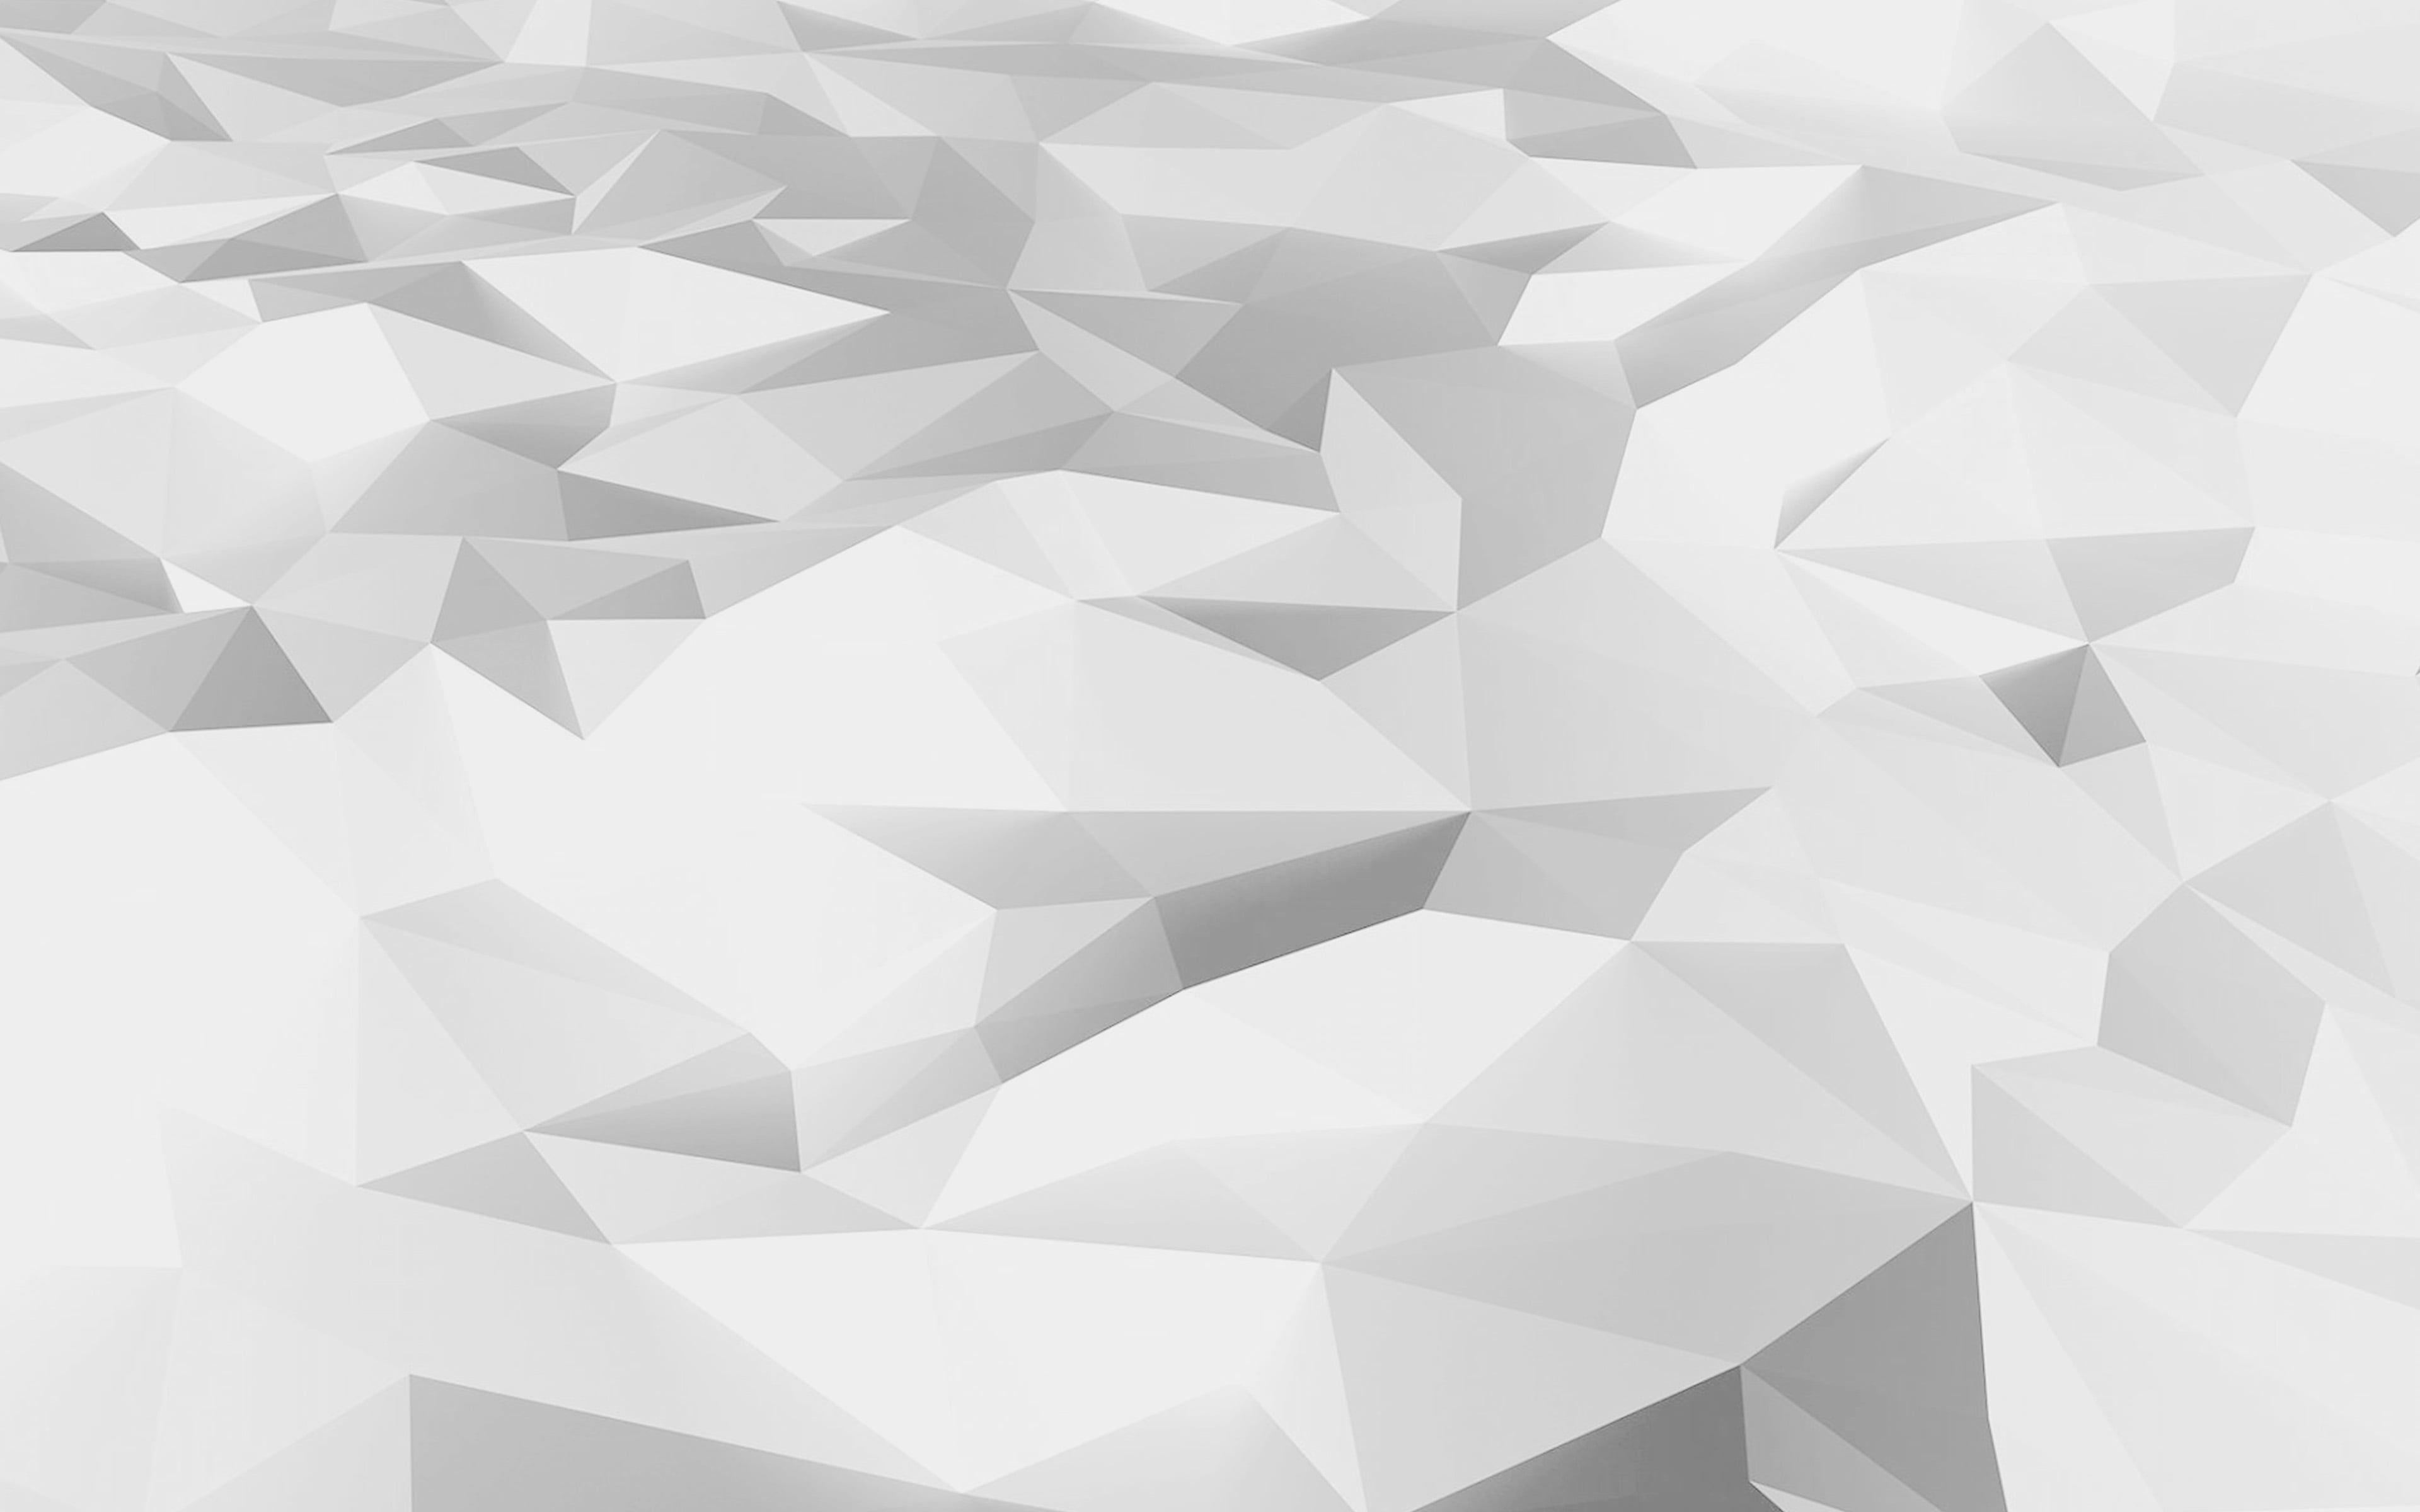 Low Poly Art White Pattern 4k Wallpaper Hdwallpaper Desktop In 2020 Wallpaper Hd Wallpaper Abstract